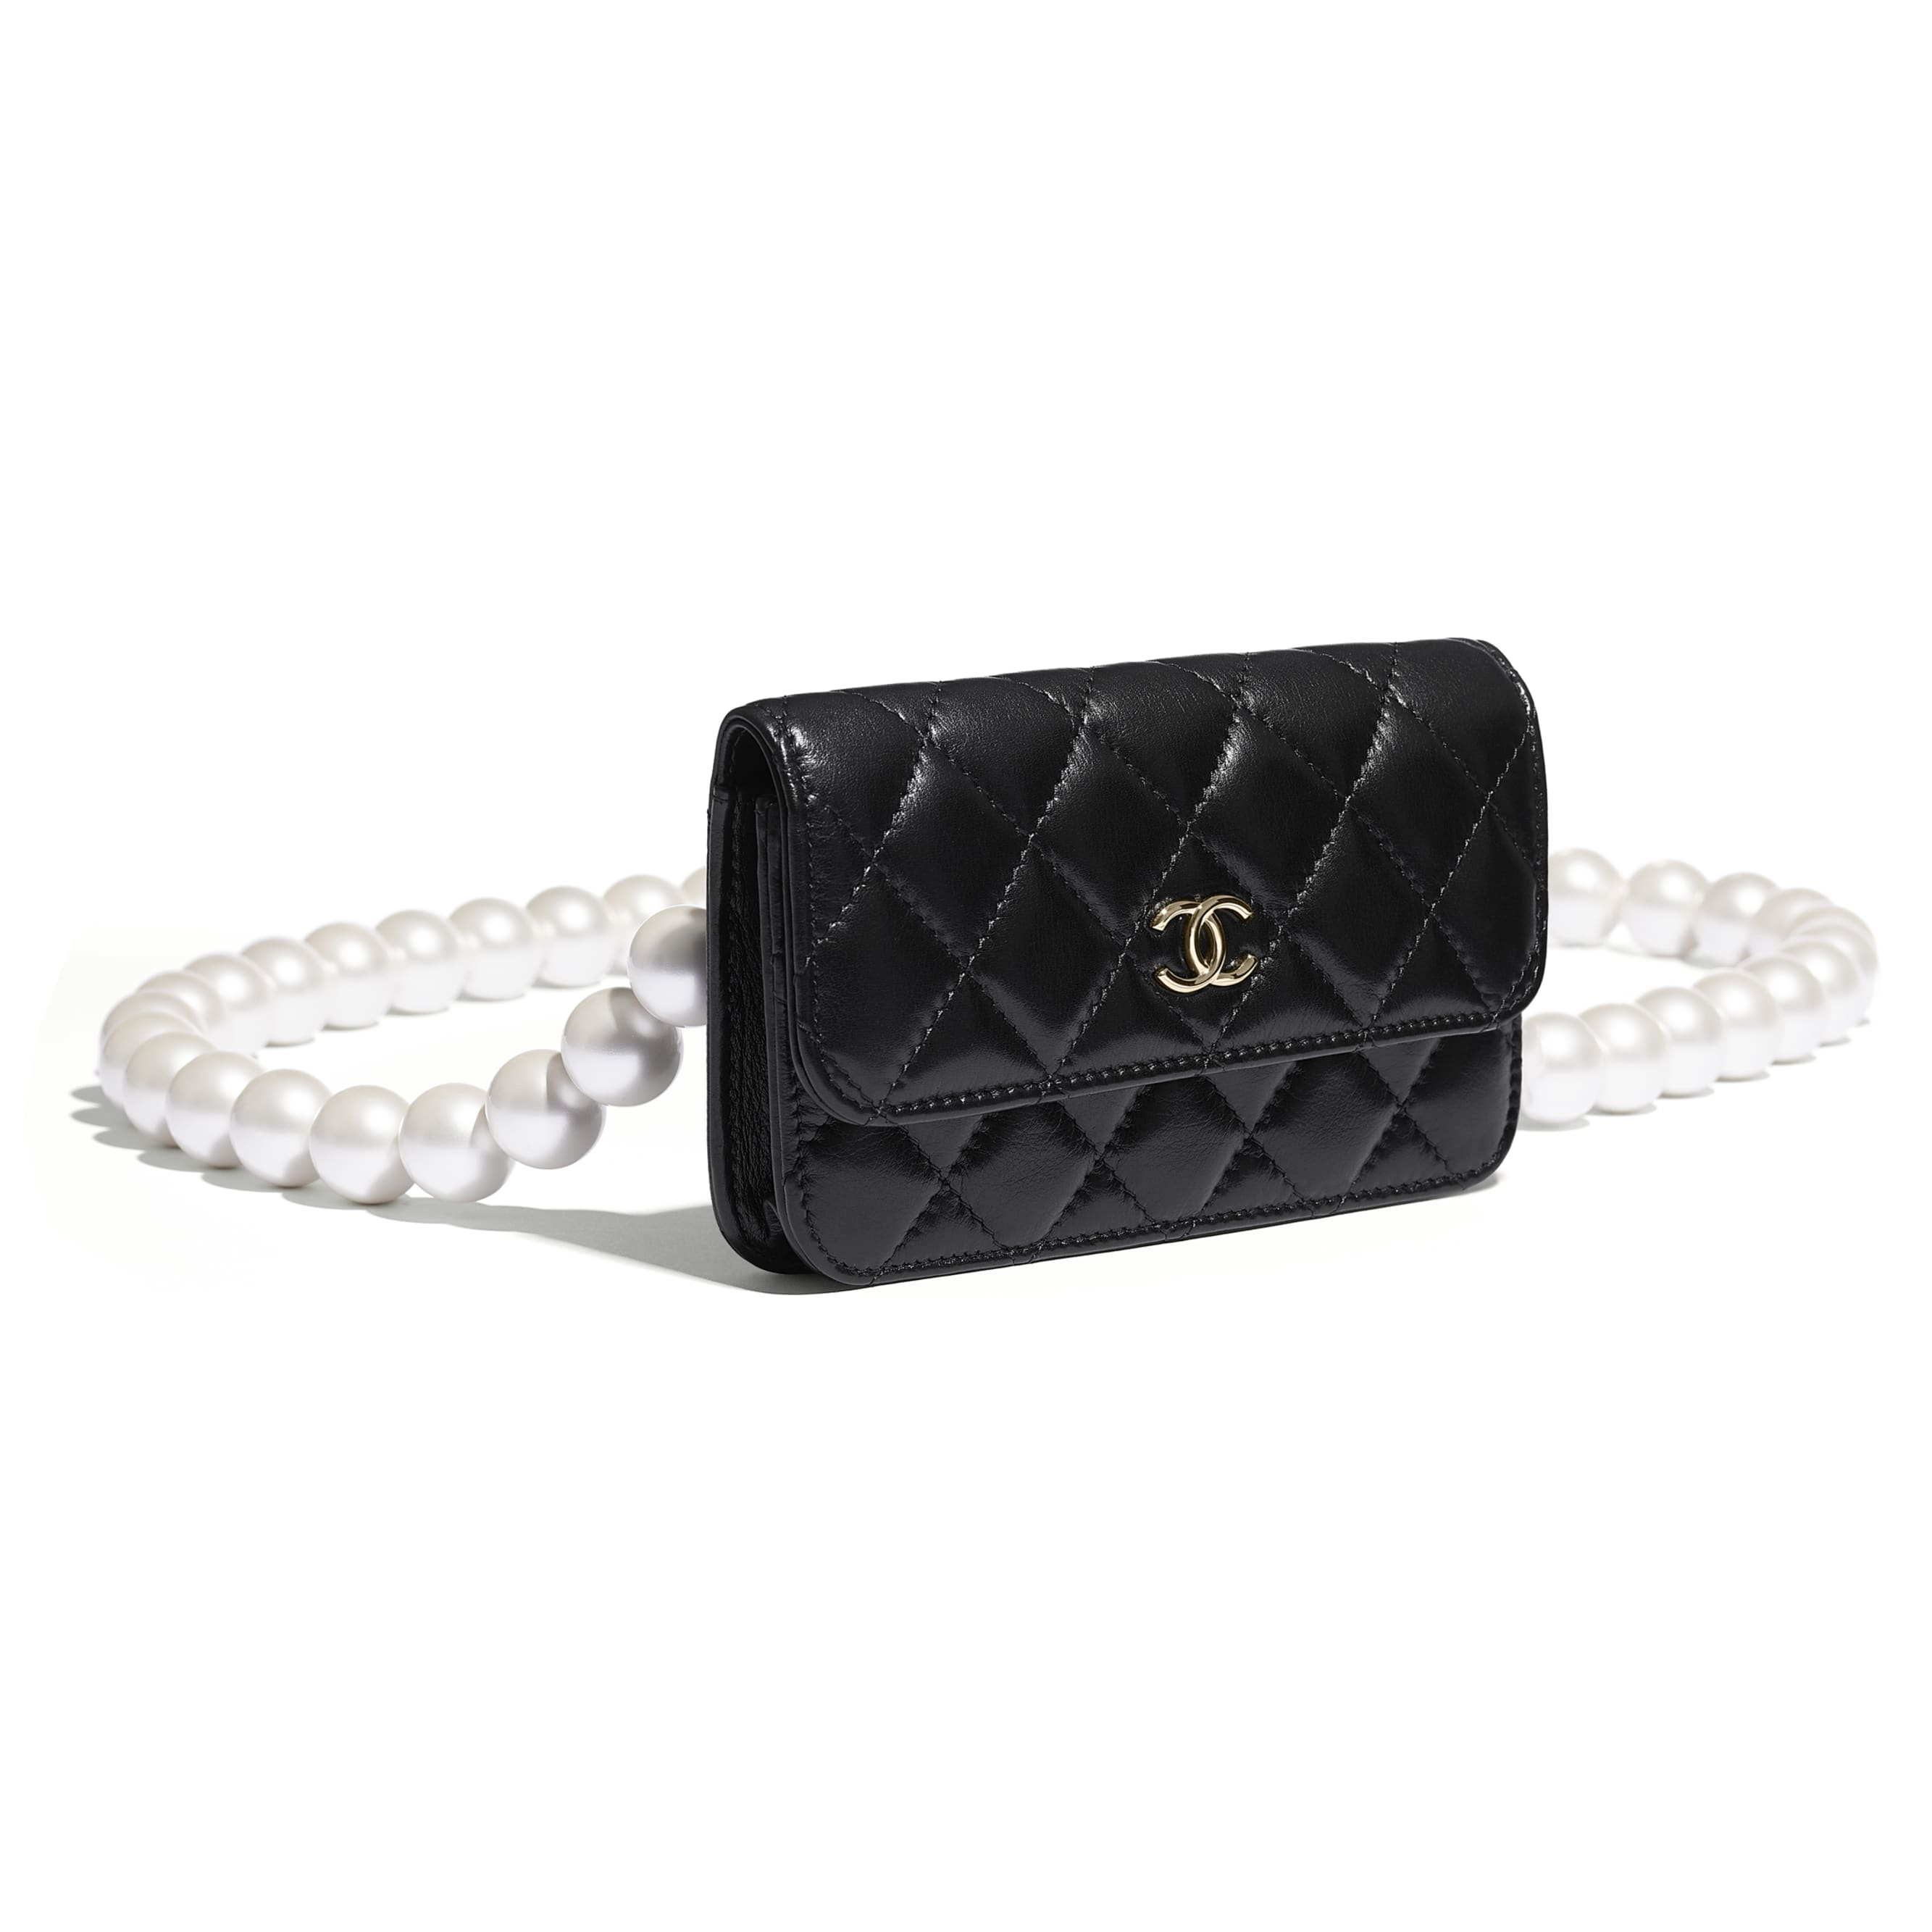 Pochette avec chaîne - Noir - Veau, perles d'imitation & métal doré - CHANEL - Autre vue - voir la version taille standard